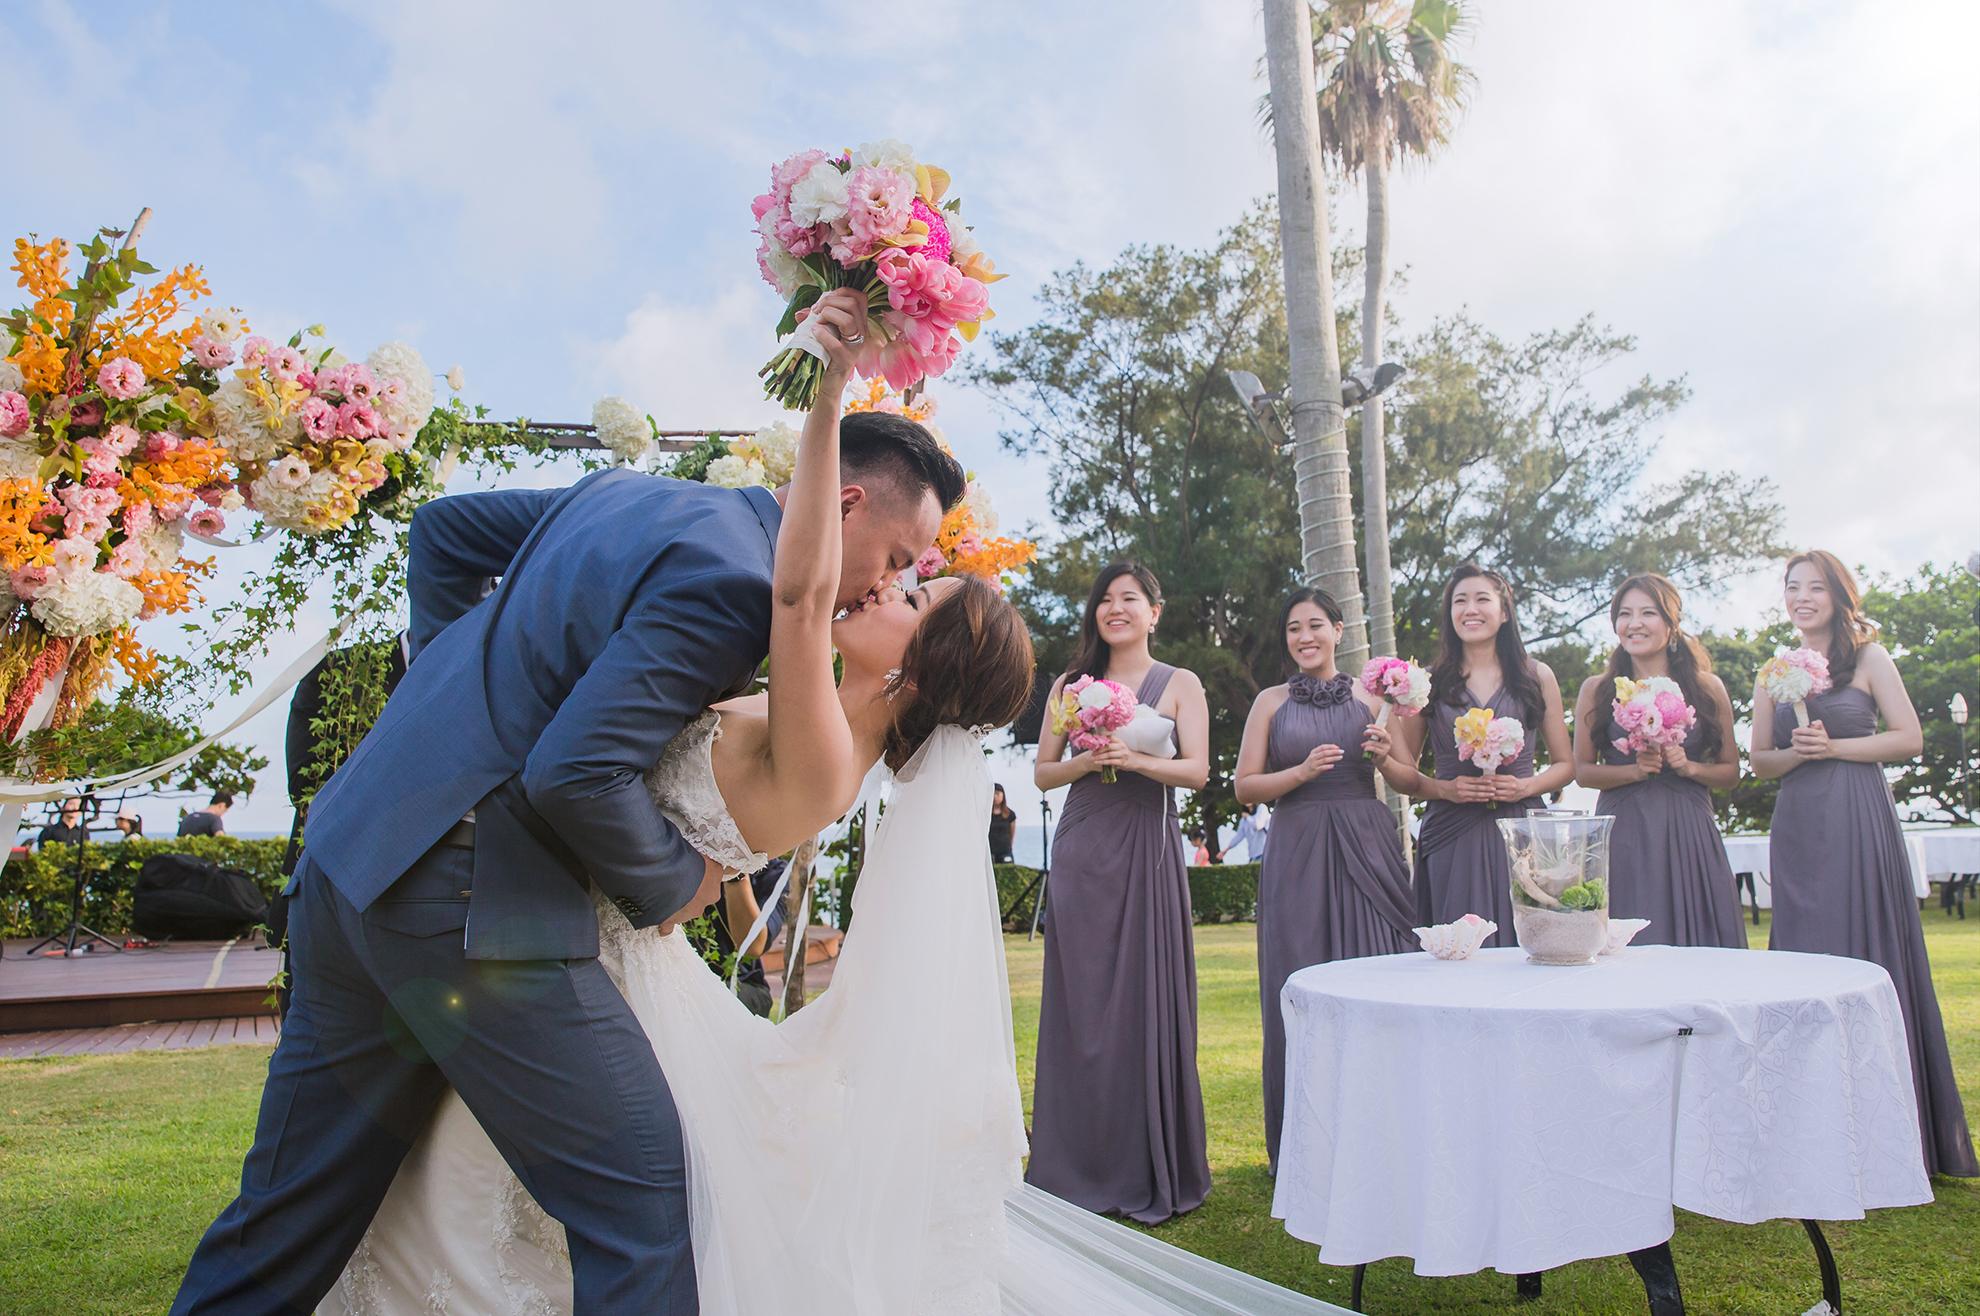 HOME  | 婚攝 Vincent - 峇里島婚禮, 峇里島婚攝, 巴里島婚禮, 巴里島婚礼, Bali Wedding, The Ritz-Carlton, Bali,海外婚紗婚攝 | 婚禮攝影 | 婚攝推薦, 婚攝, 婚禮紀錄, 婚禮攝影, 婚禮紀錄, 婚攝Vincent, 婚禮紀錄, 婚紗攝影, 婚禮攝影推薦, 孕婦寫真, 自助婚紗, 新生兒寫真, 日本婚禮攝影, 海外婚禮攝影, 婚紗攝影, 海島婚禮, 峇里島婚禮, 風雲20攝影師, 寒舍艾美, 東方文華, 君悅酒店, W Hotel